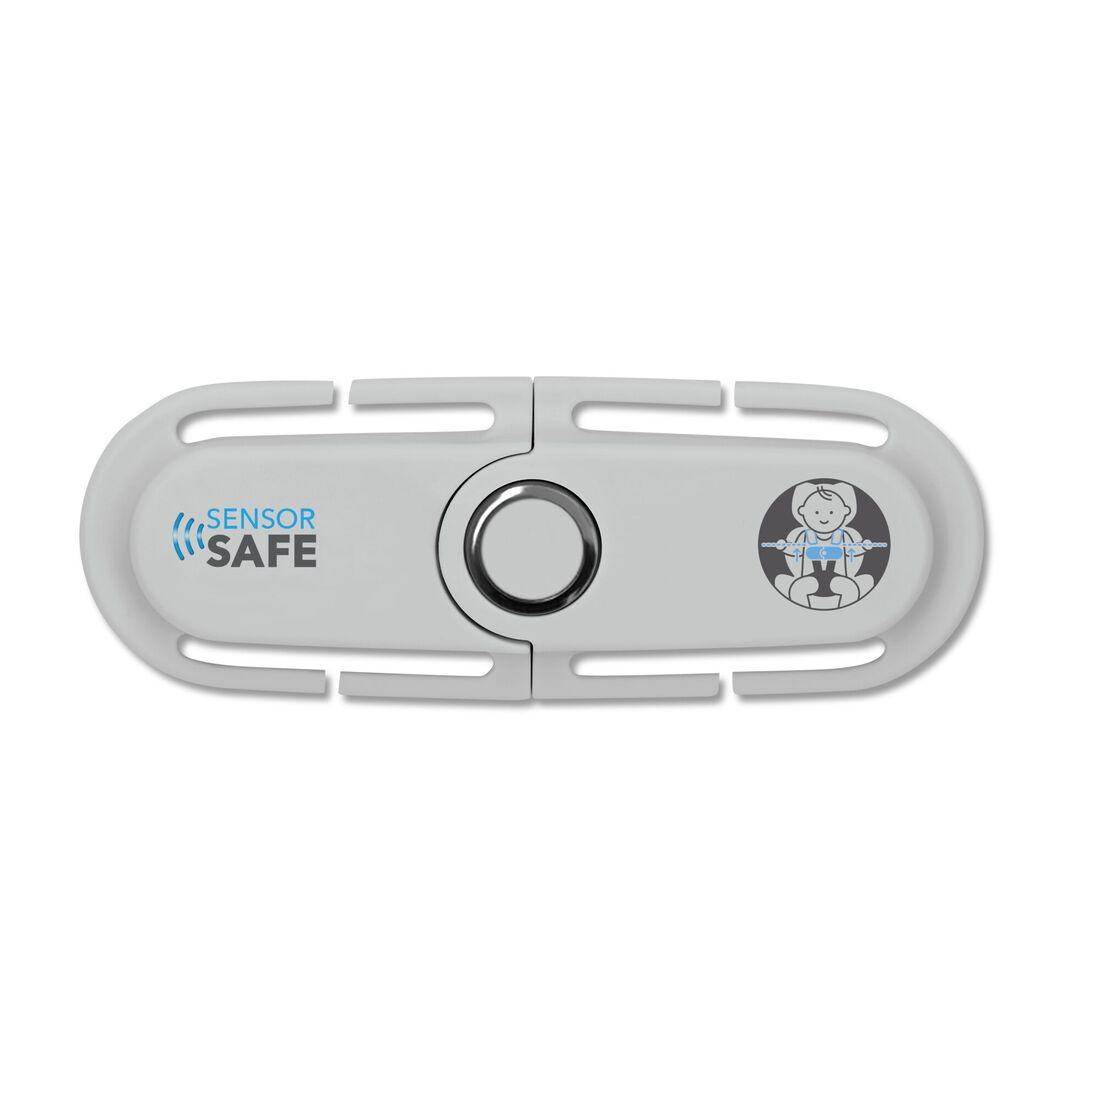 CYBEX SensorSafe 4-in-1 Safety Kit Infant - Grey in Grey large image number 1